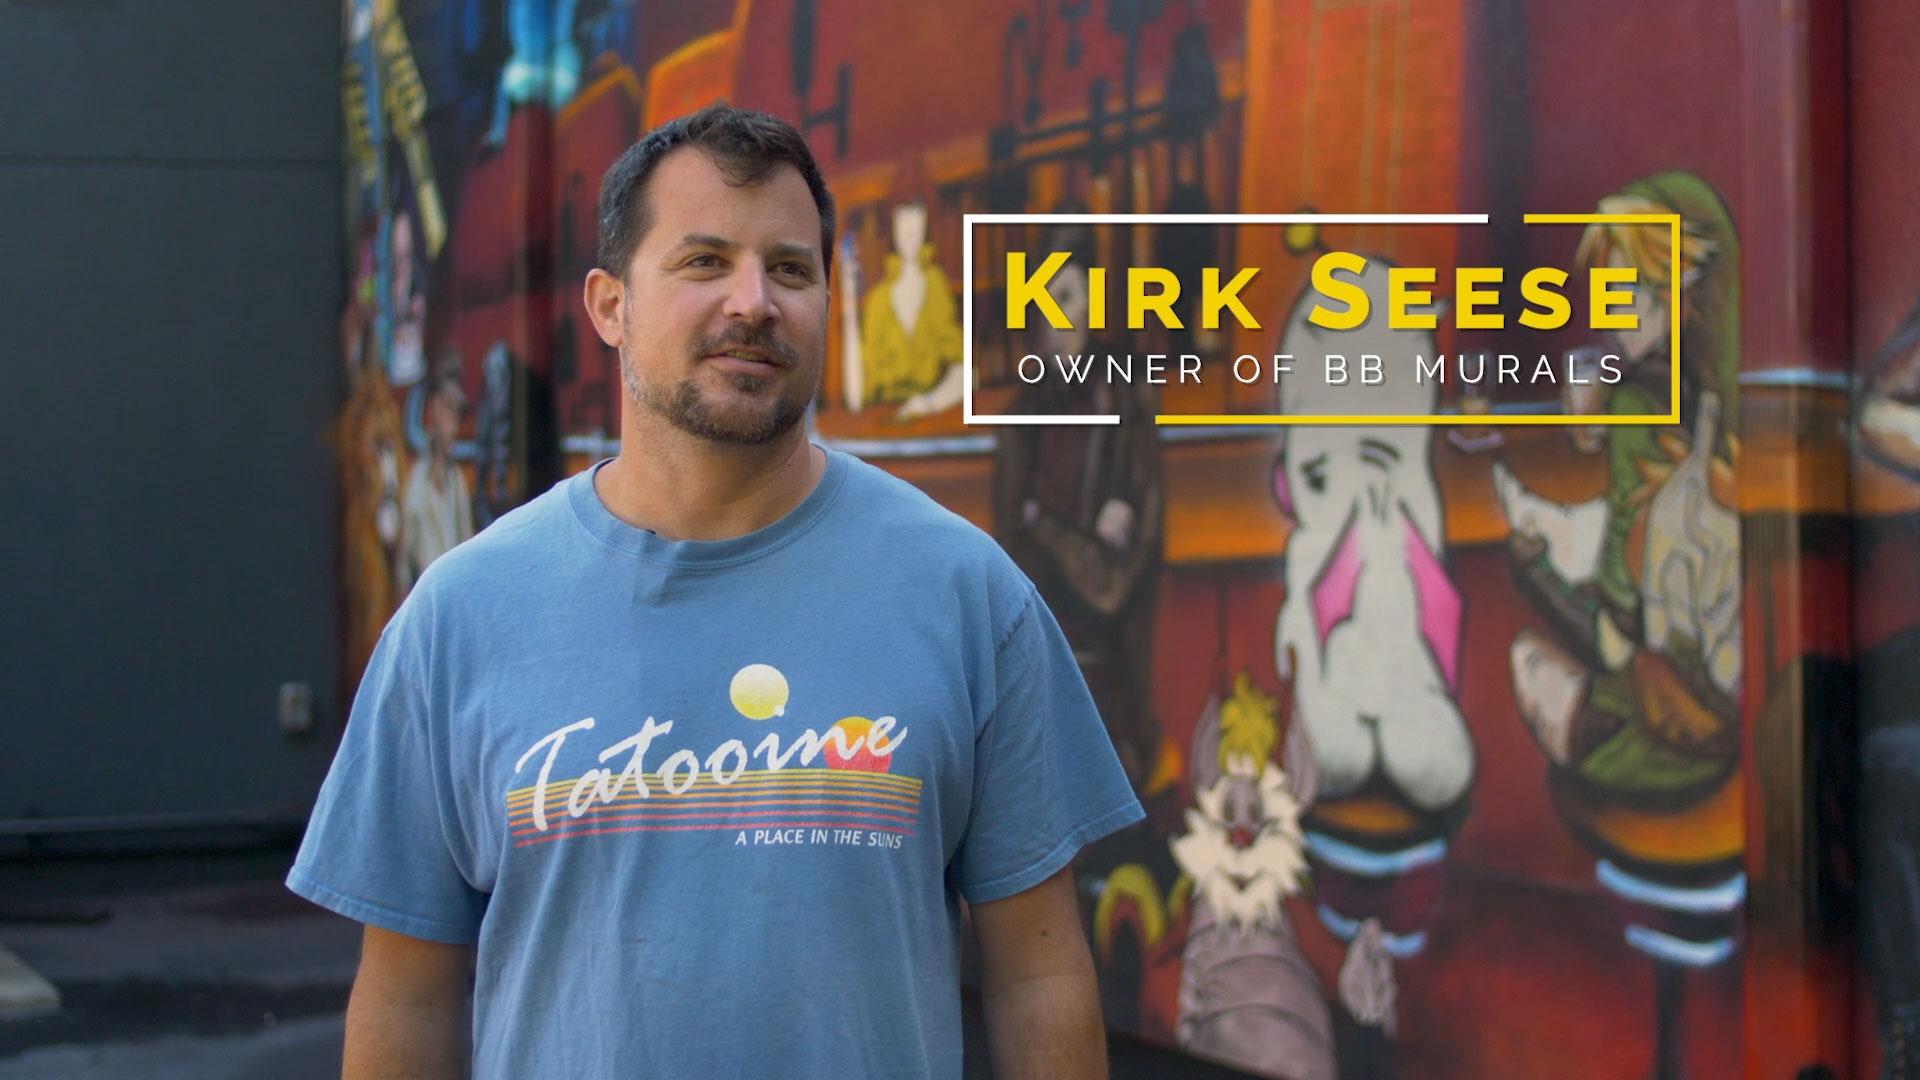 Kirk Seese owner of BB Murals